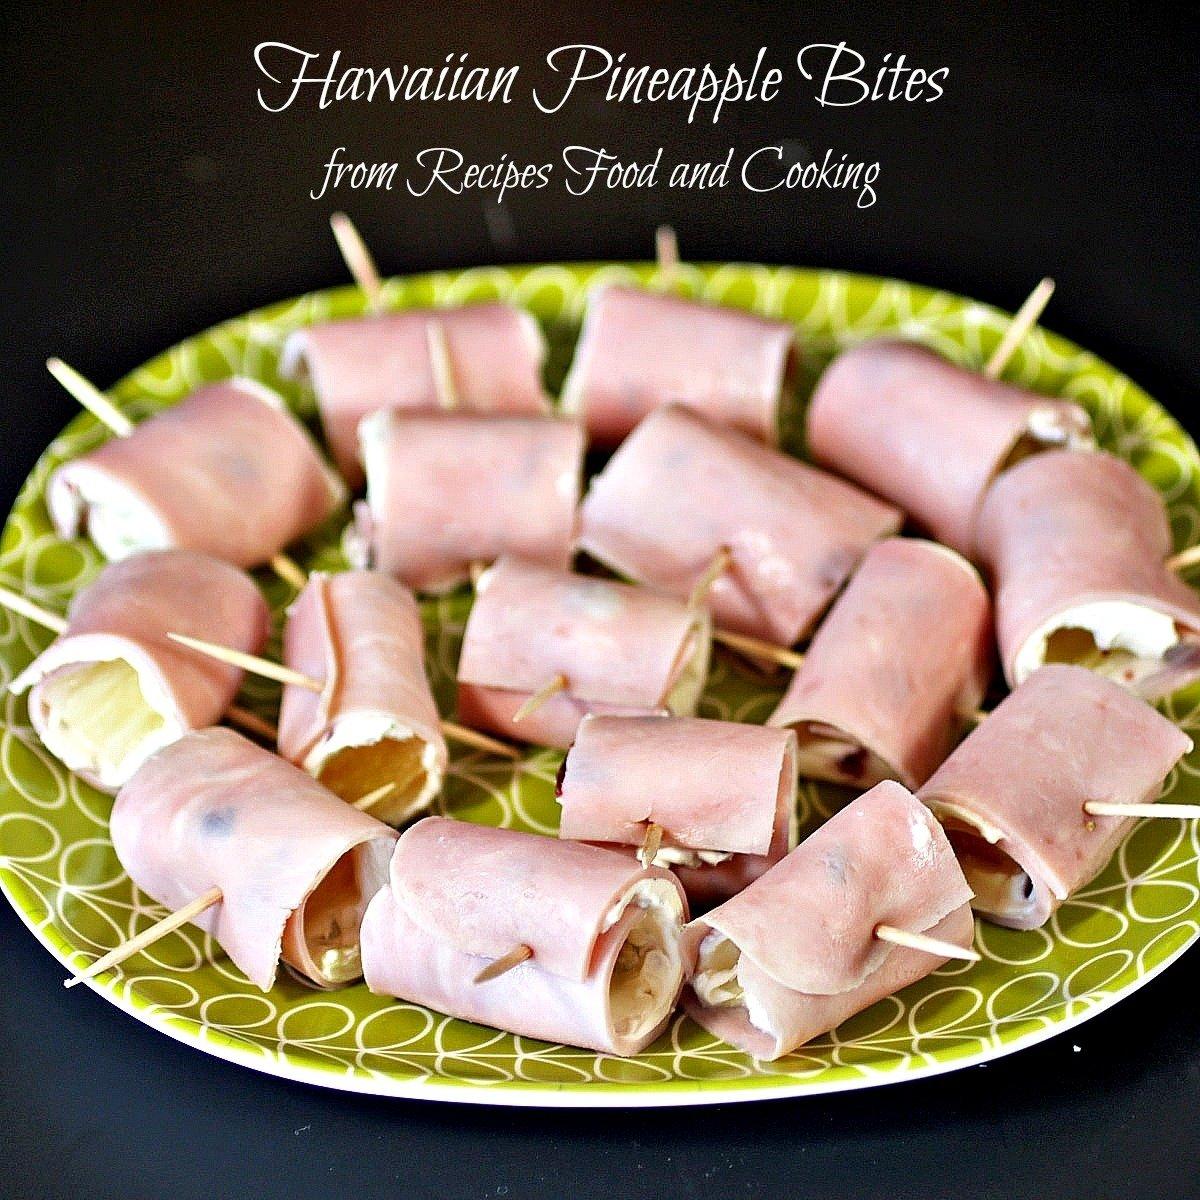 10 Nice Hawaiian Food Ideas For Parties hawaiian pineapple bites recipes food and cooking 2021